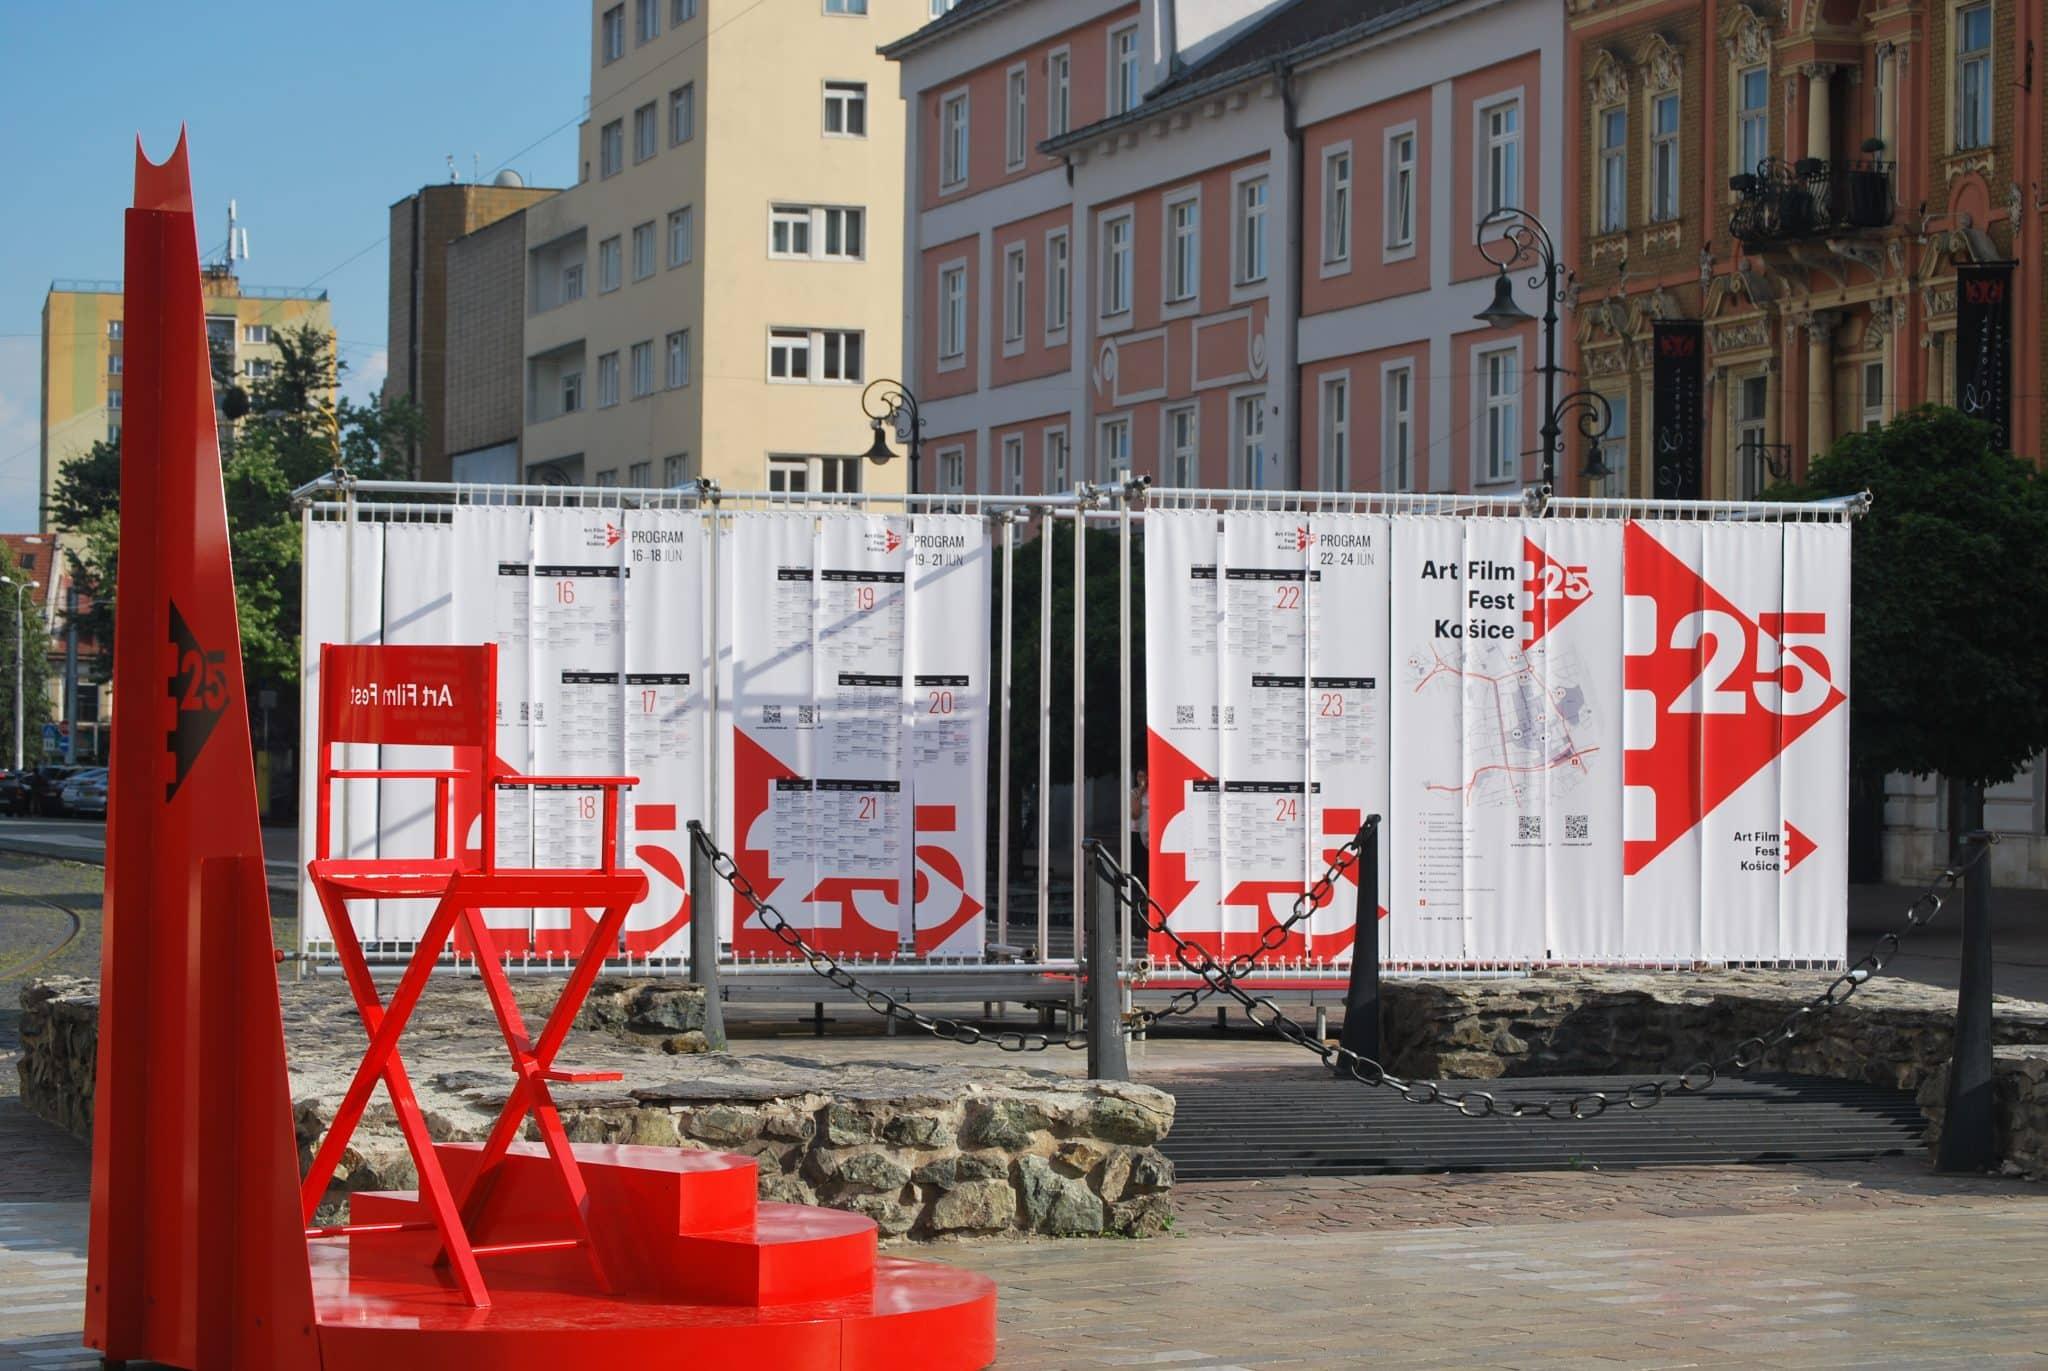 Siedmy deň na ArtFilmFeste v Košiciach